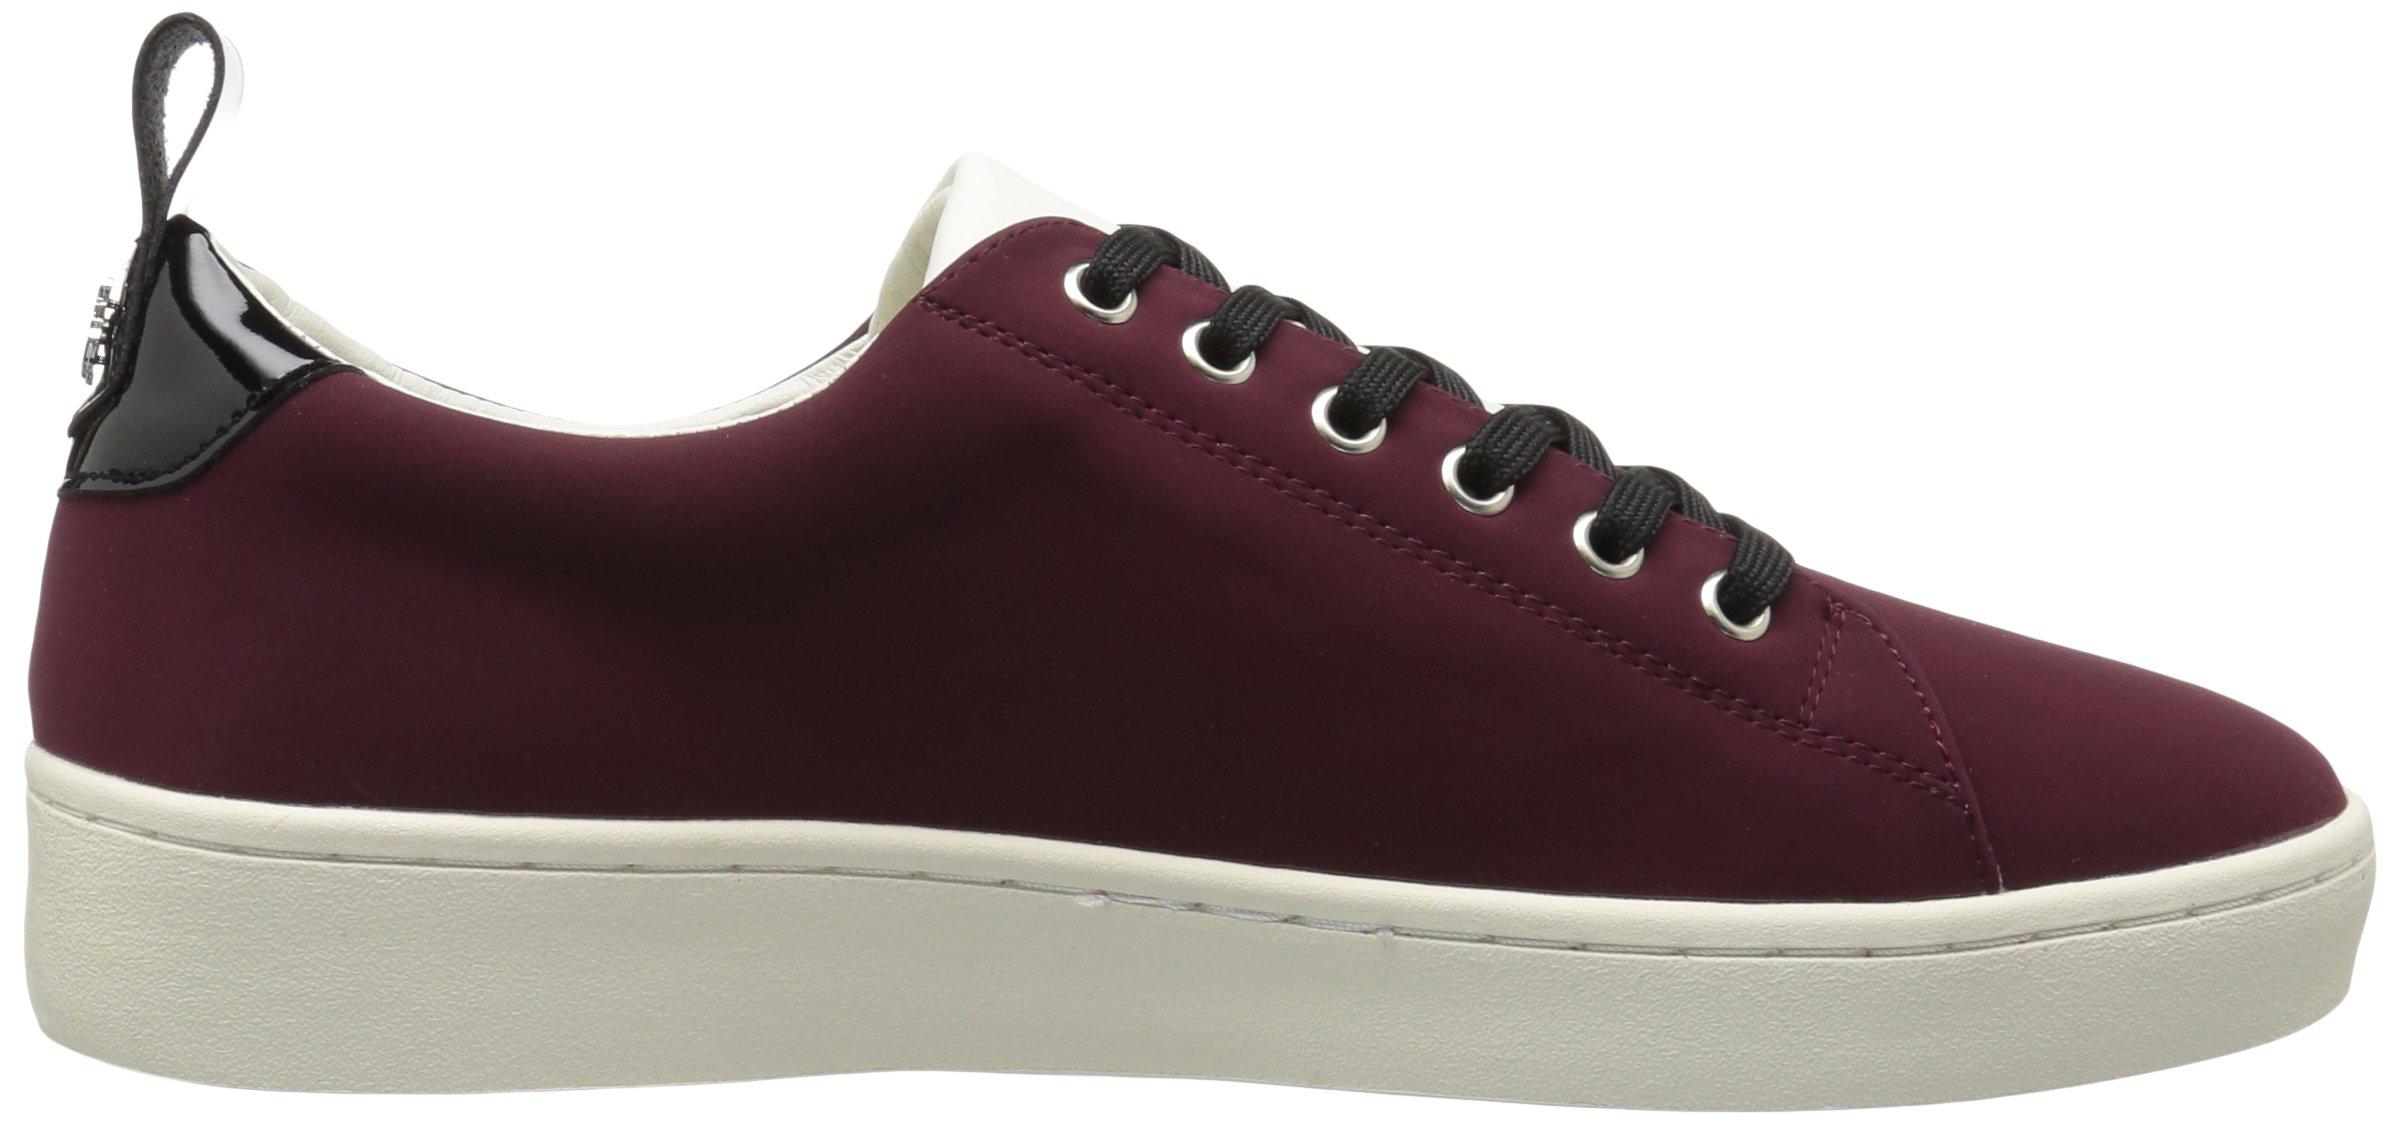 FLY London Women's MACO833FLY Sneaker, Bordeaux/Black Nubuck/Patent, 37 M EU (6.5-7 US) by FLY London (Image #7)